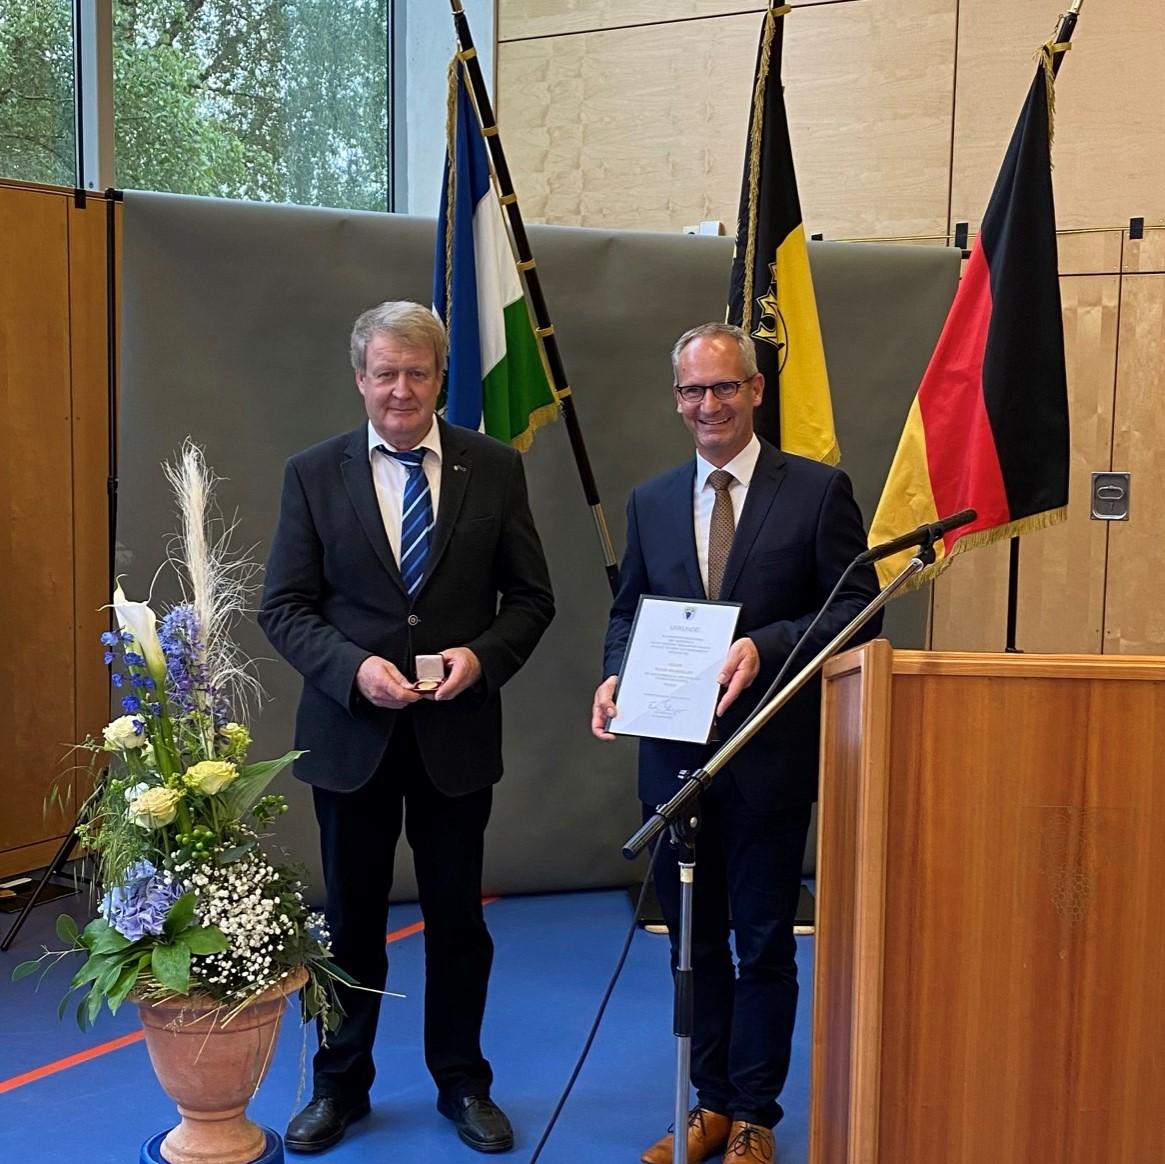 Klaus Holzmüller mit Bürgermeister Bänziger bei Übergabe der Urkunde und Medaille